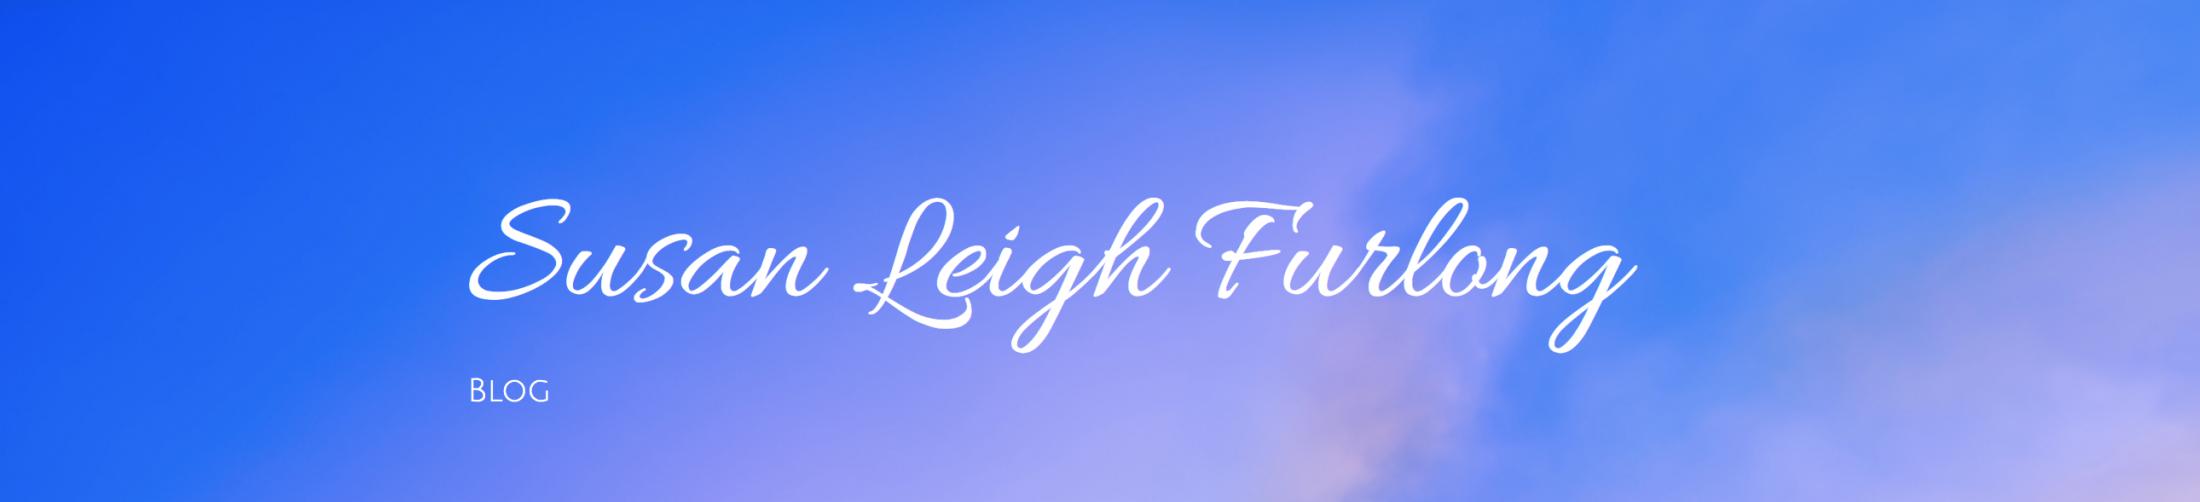 Susan Leigh Furlong Blog